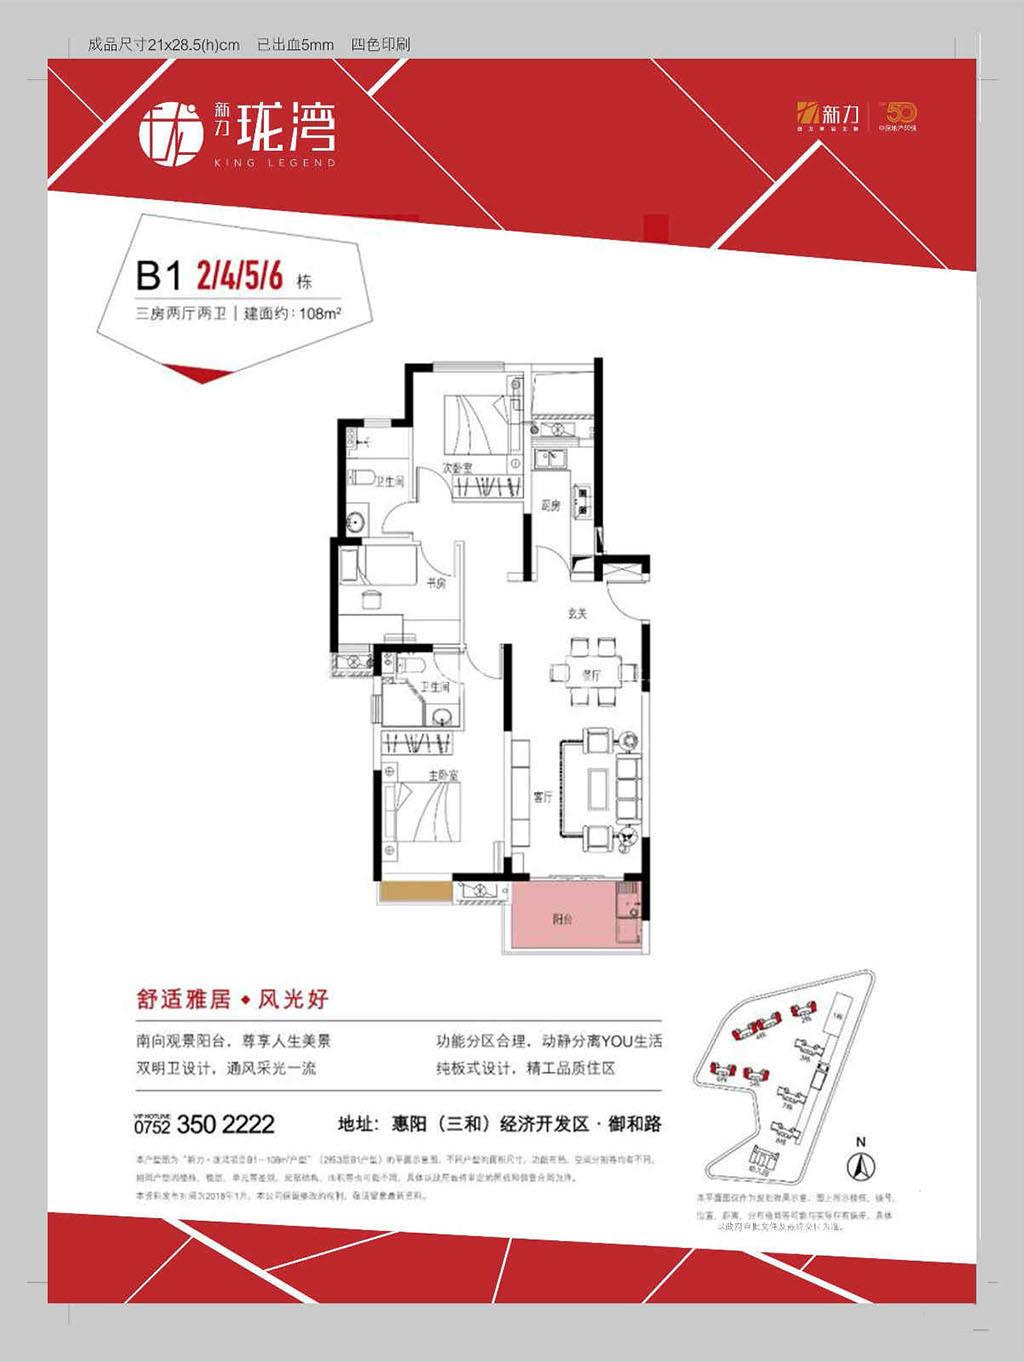 新力珑湾B1户型3室2厅2卫1厨建筑面积108㎡.jpg